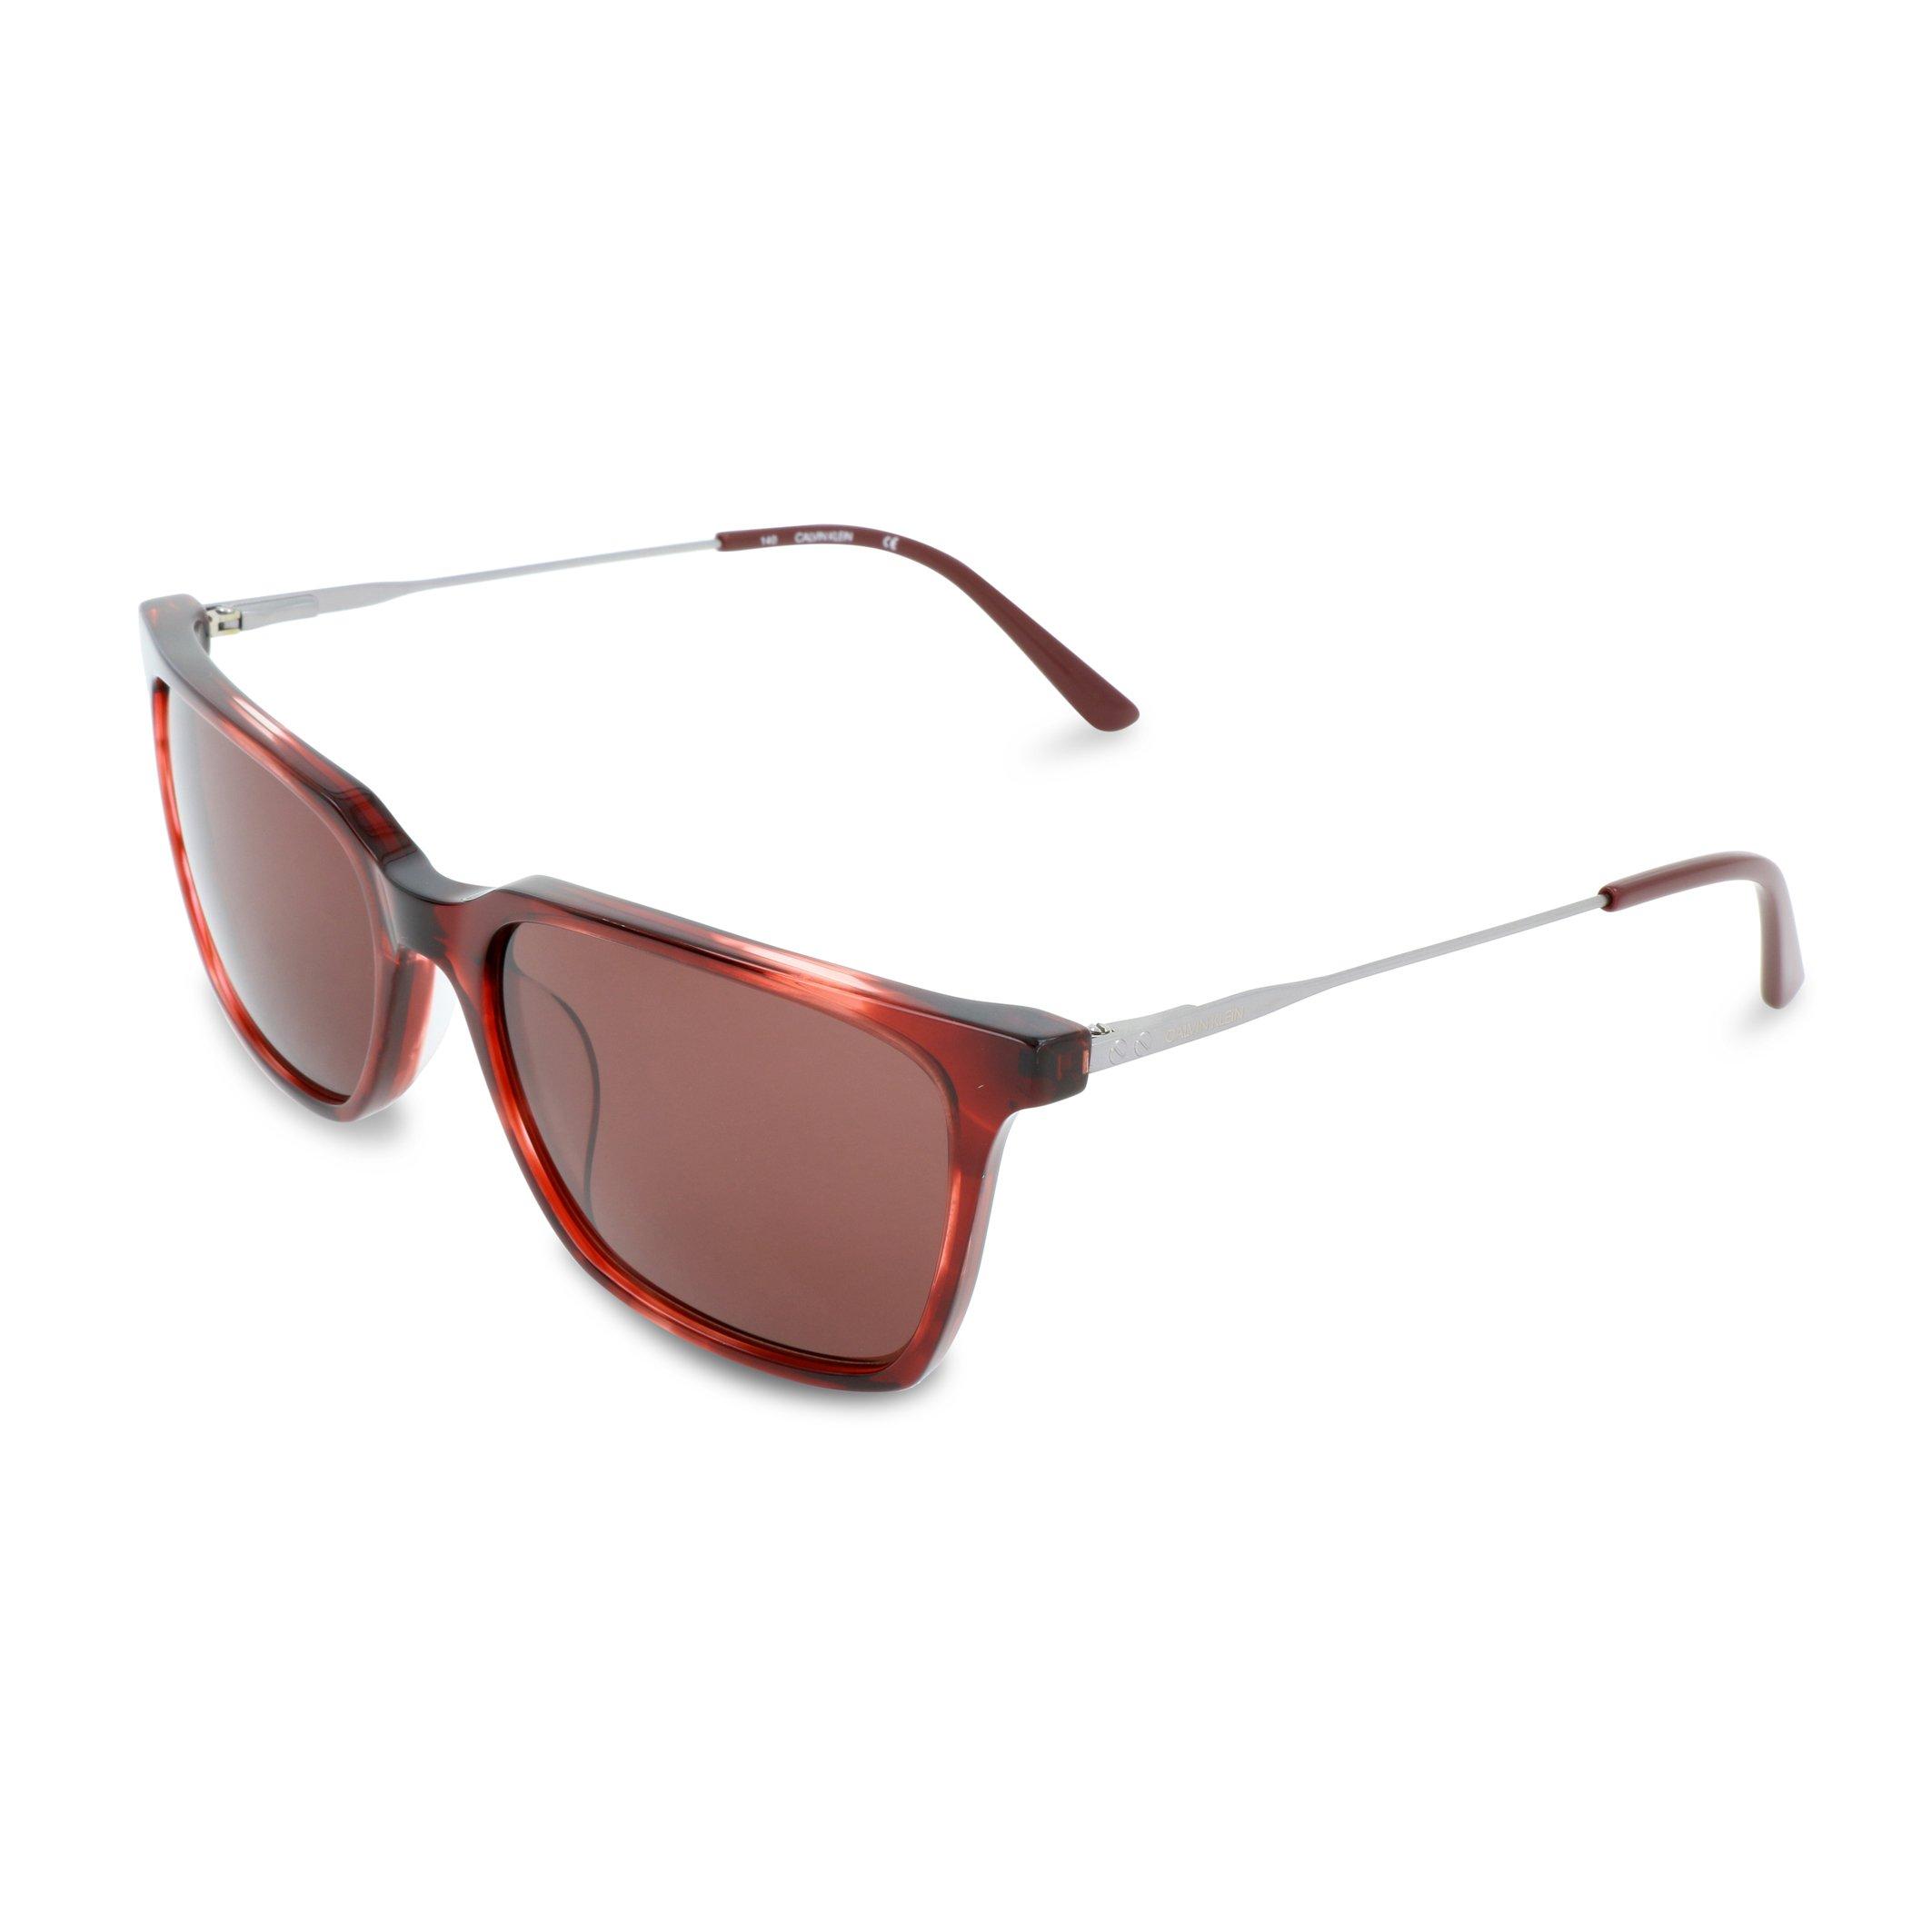 Calvin Klein Unisex Sunglasses Brown CK19703S - brown-1 NOSIZE